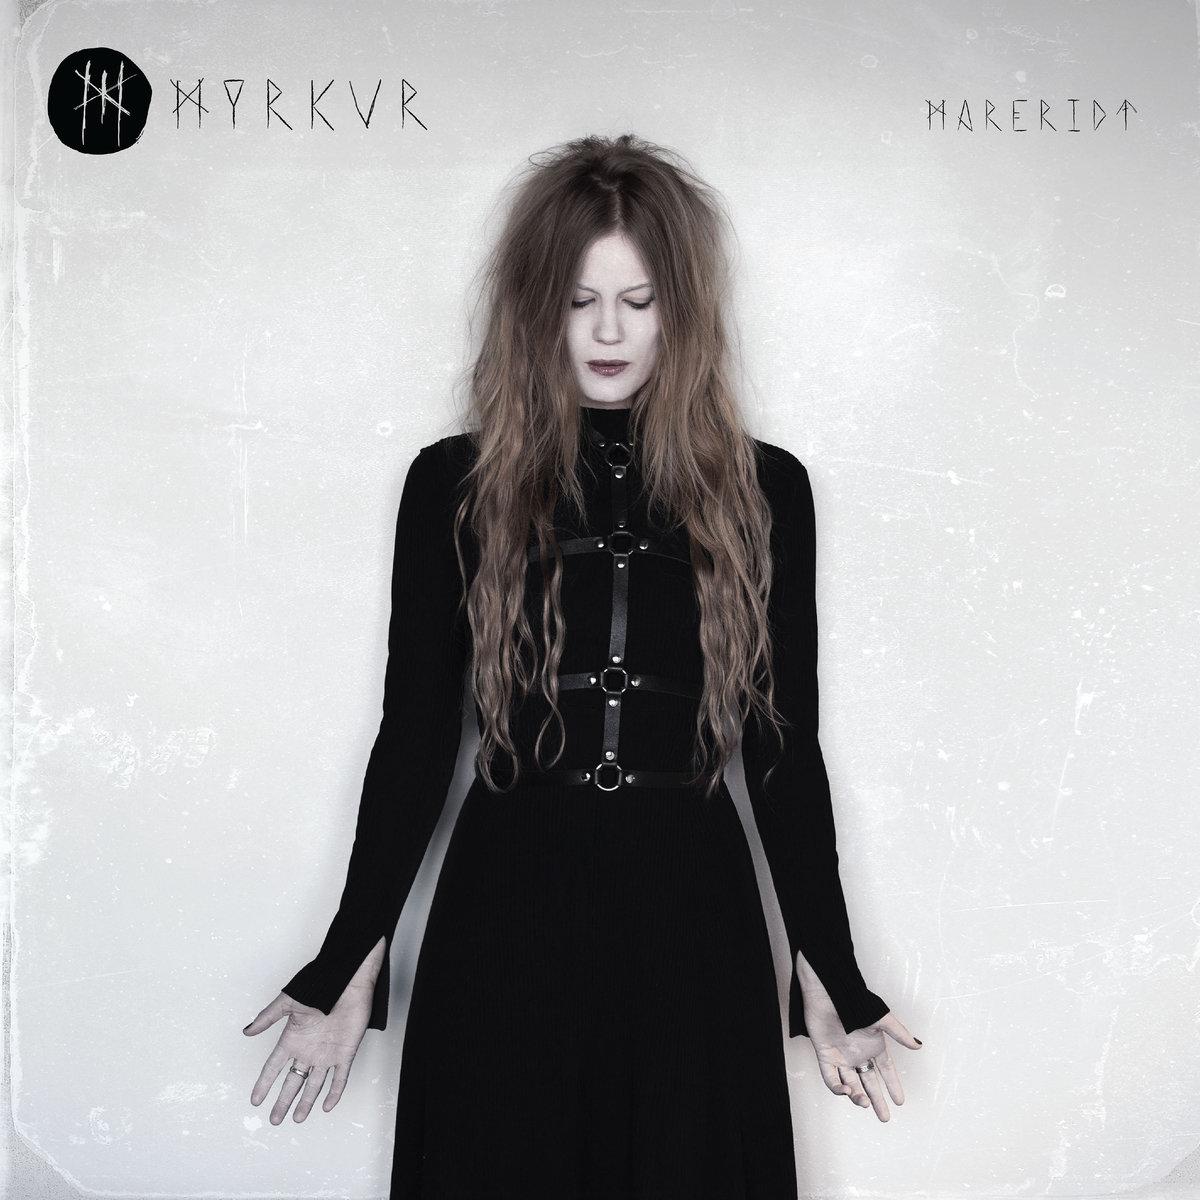 myrkur mareridt album cover